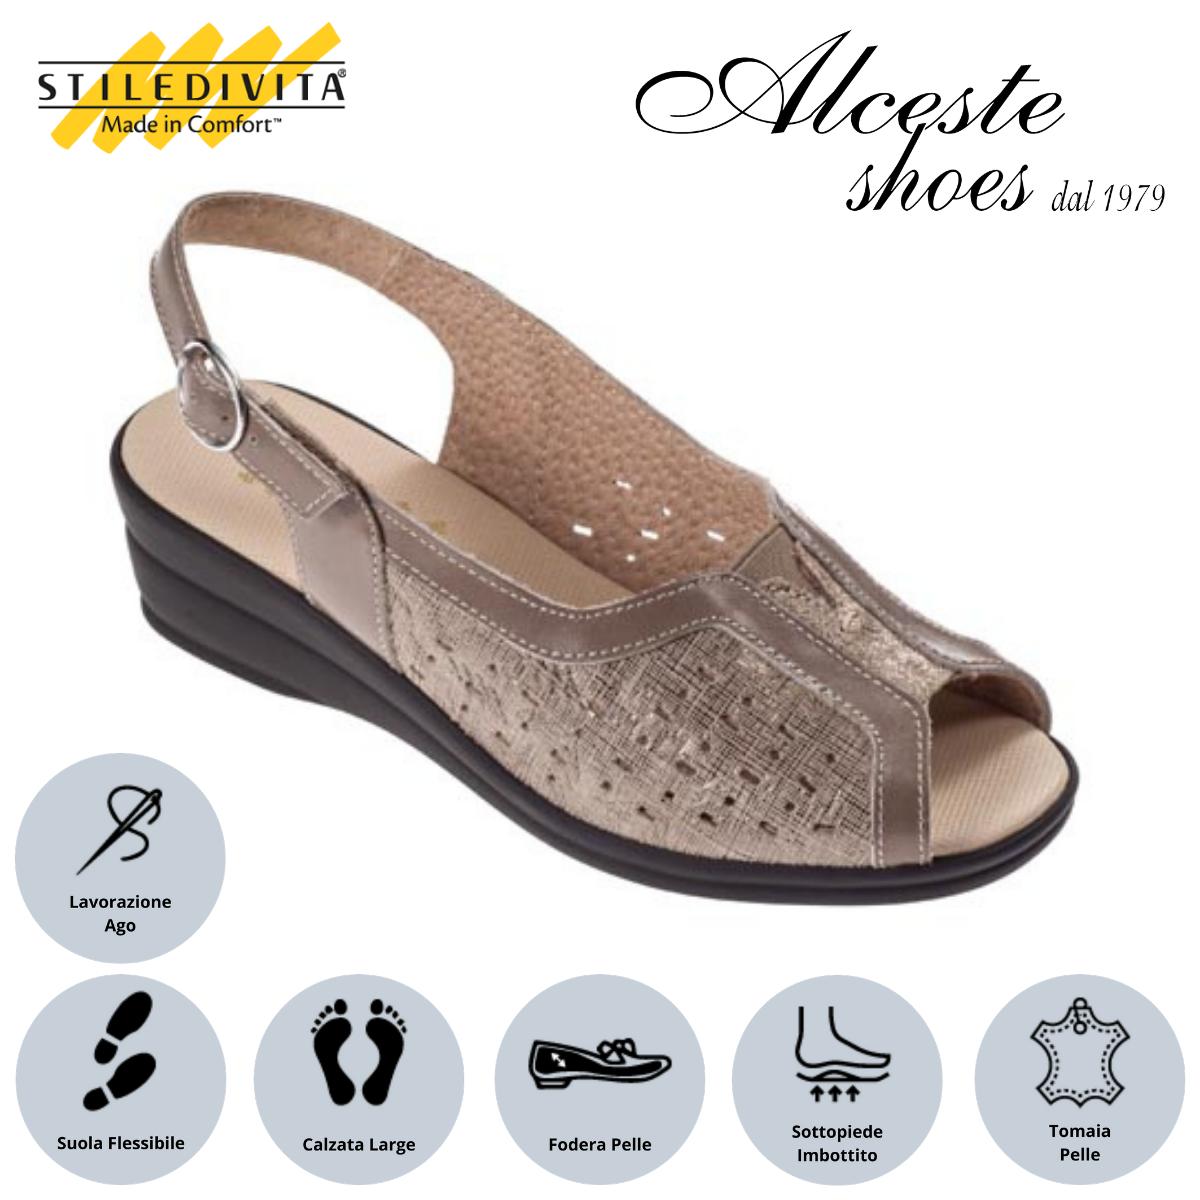 Sandalo Traforato Stiledivita Art. 4938 Camoscio e Pelle Taupe Alceste Shoes 2